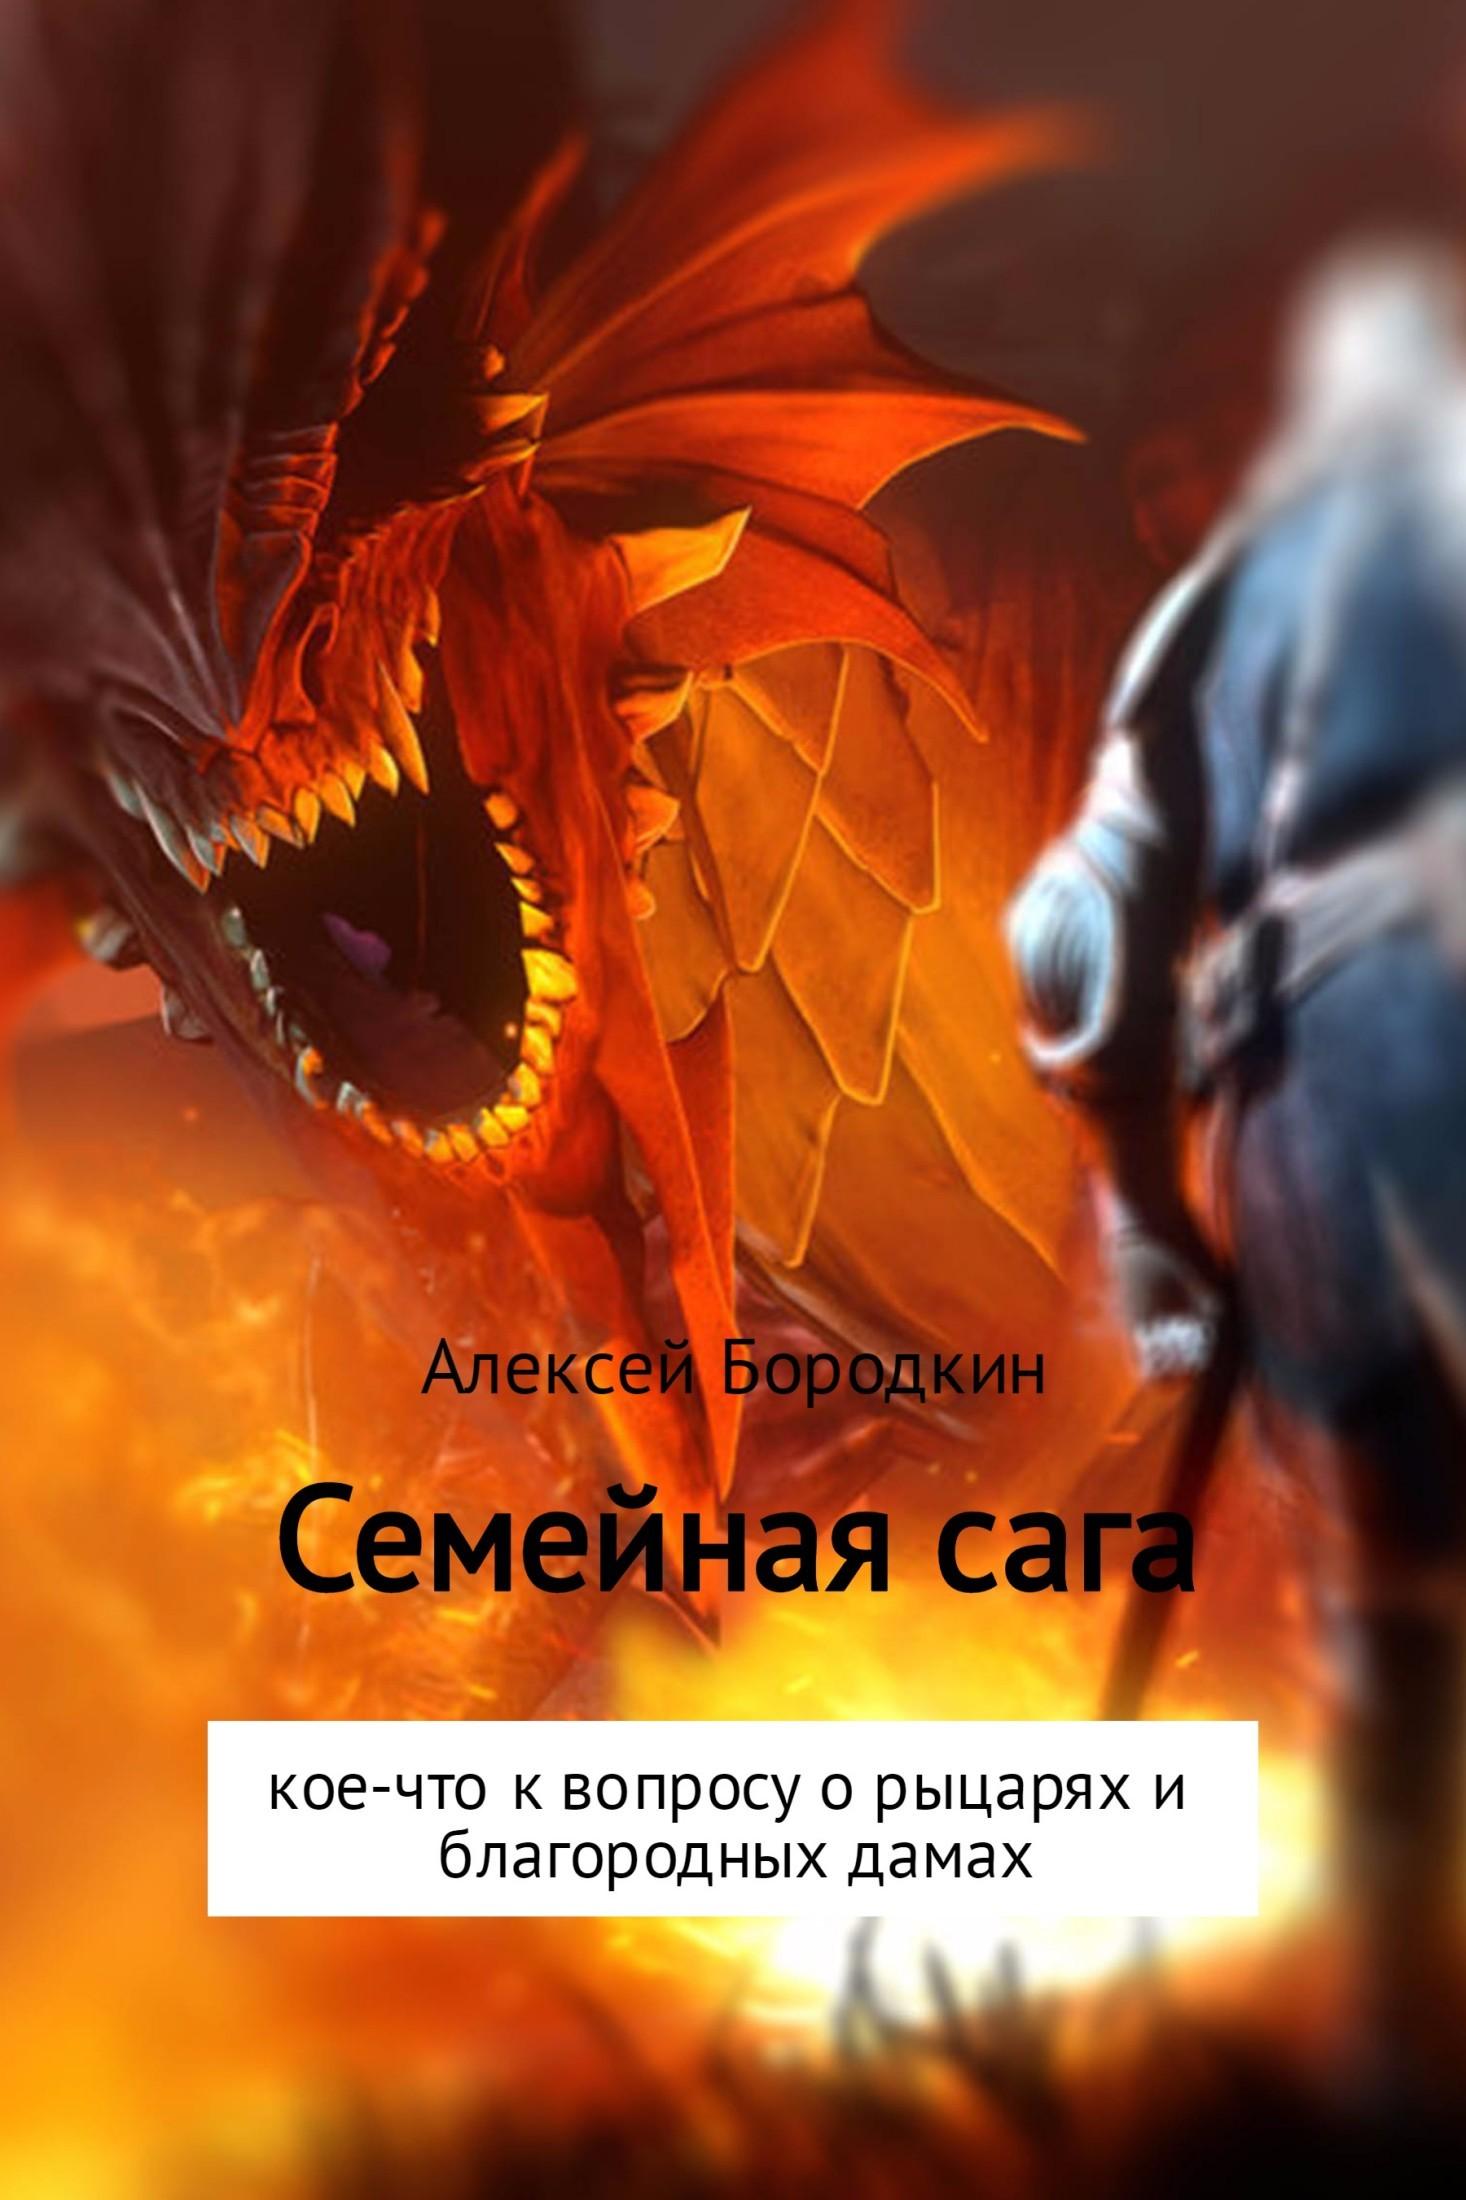 Семейная сага ( Алексей Петрович Бородкин  )